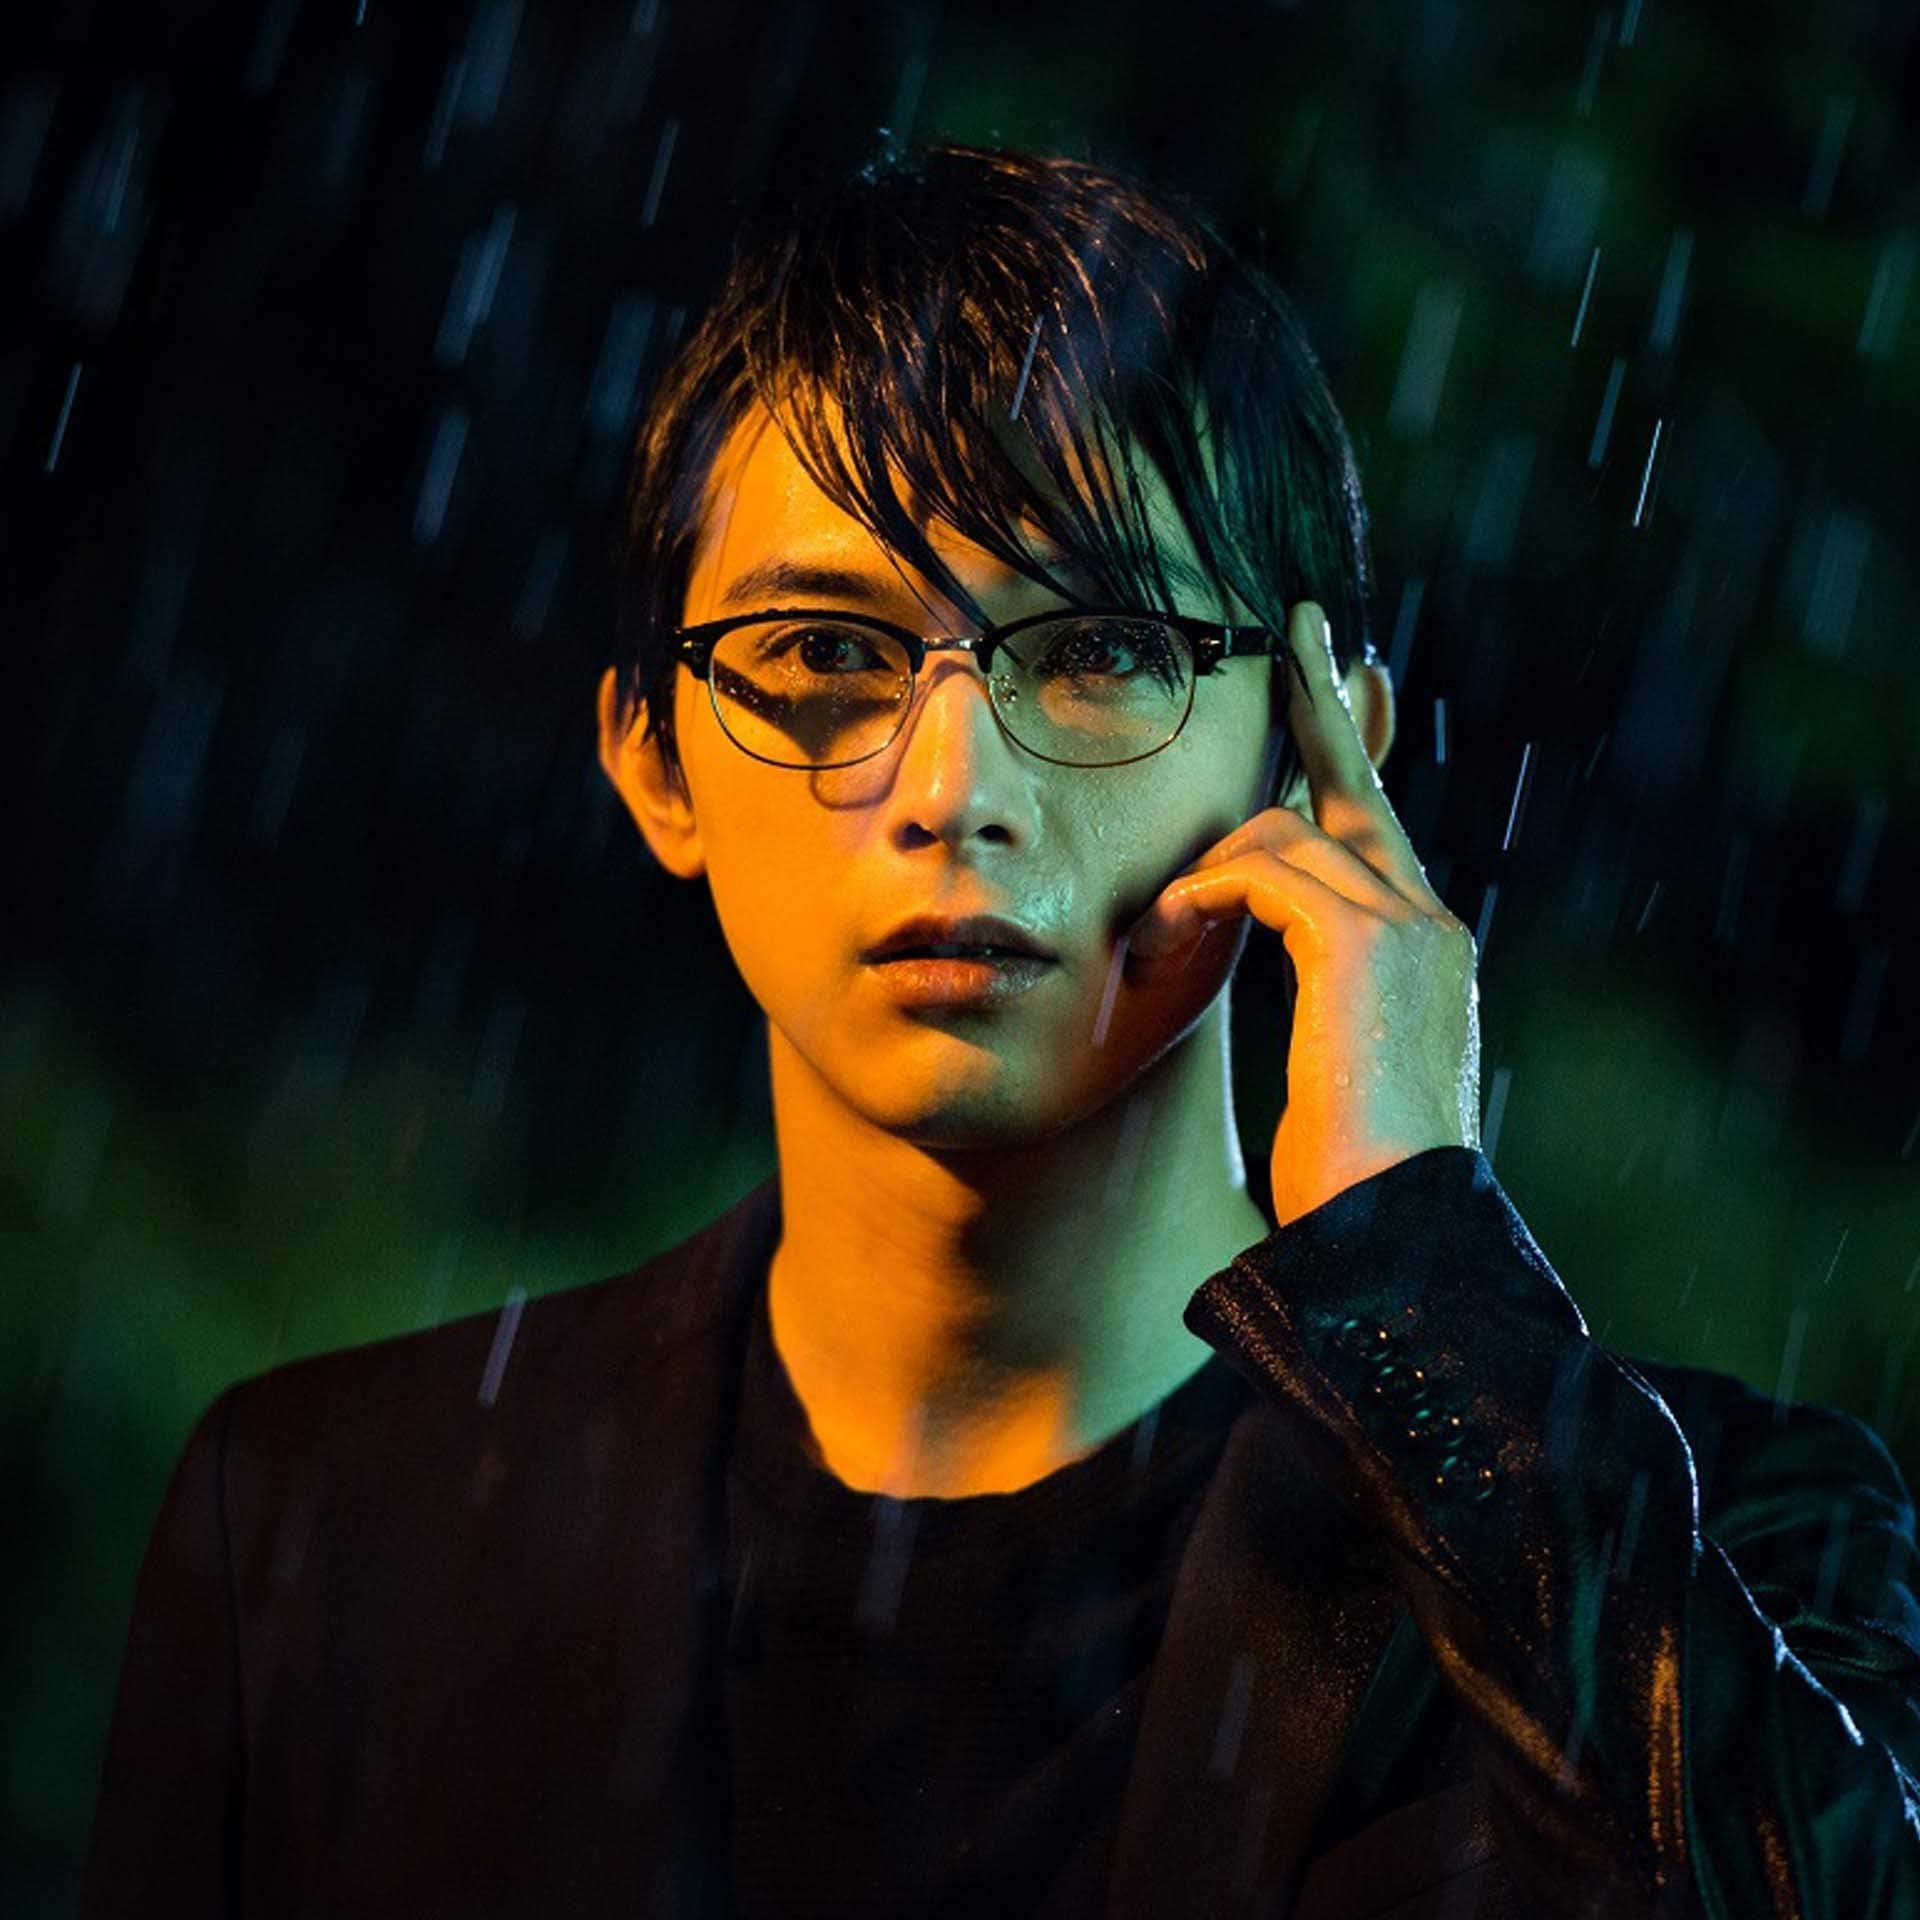 吉沢亮 Ipad壁紙 Giver 義波 眼鏡をかけて雨の中 男性タレント